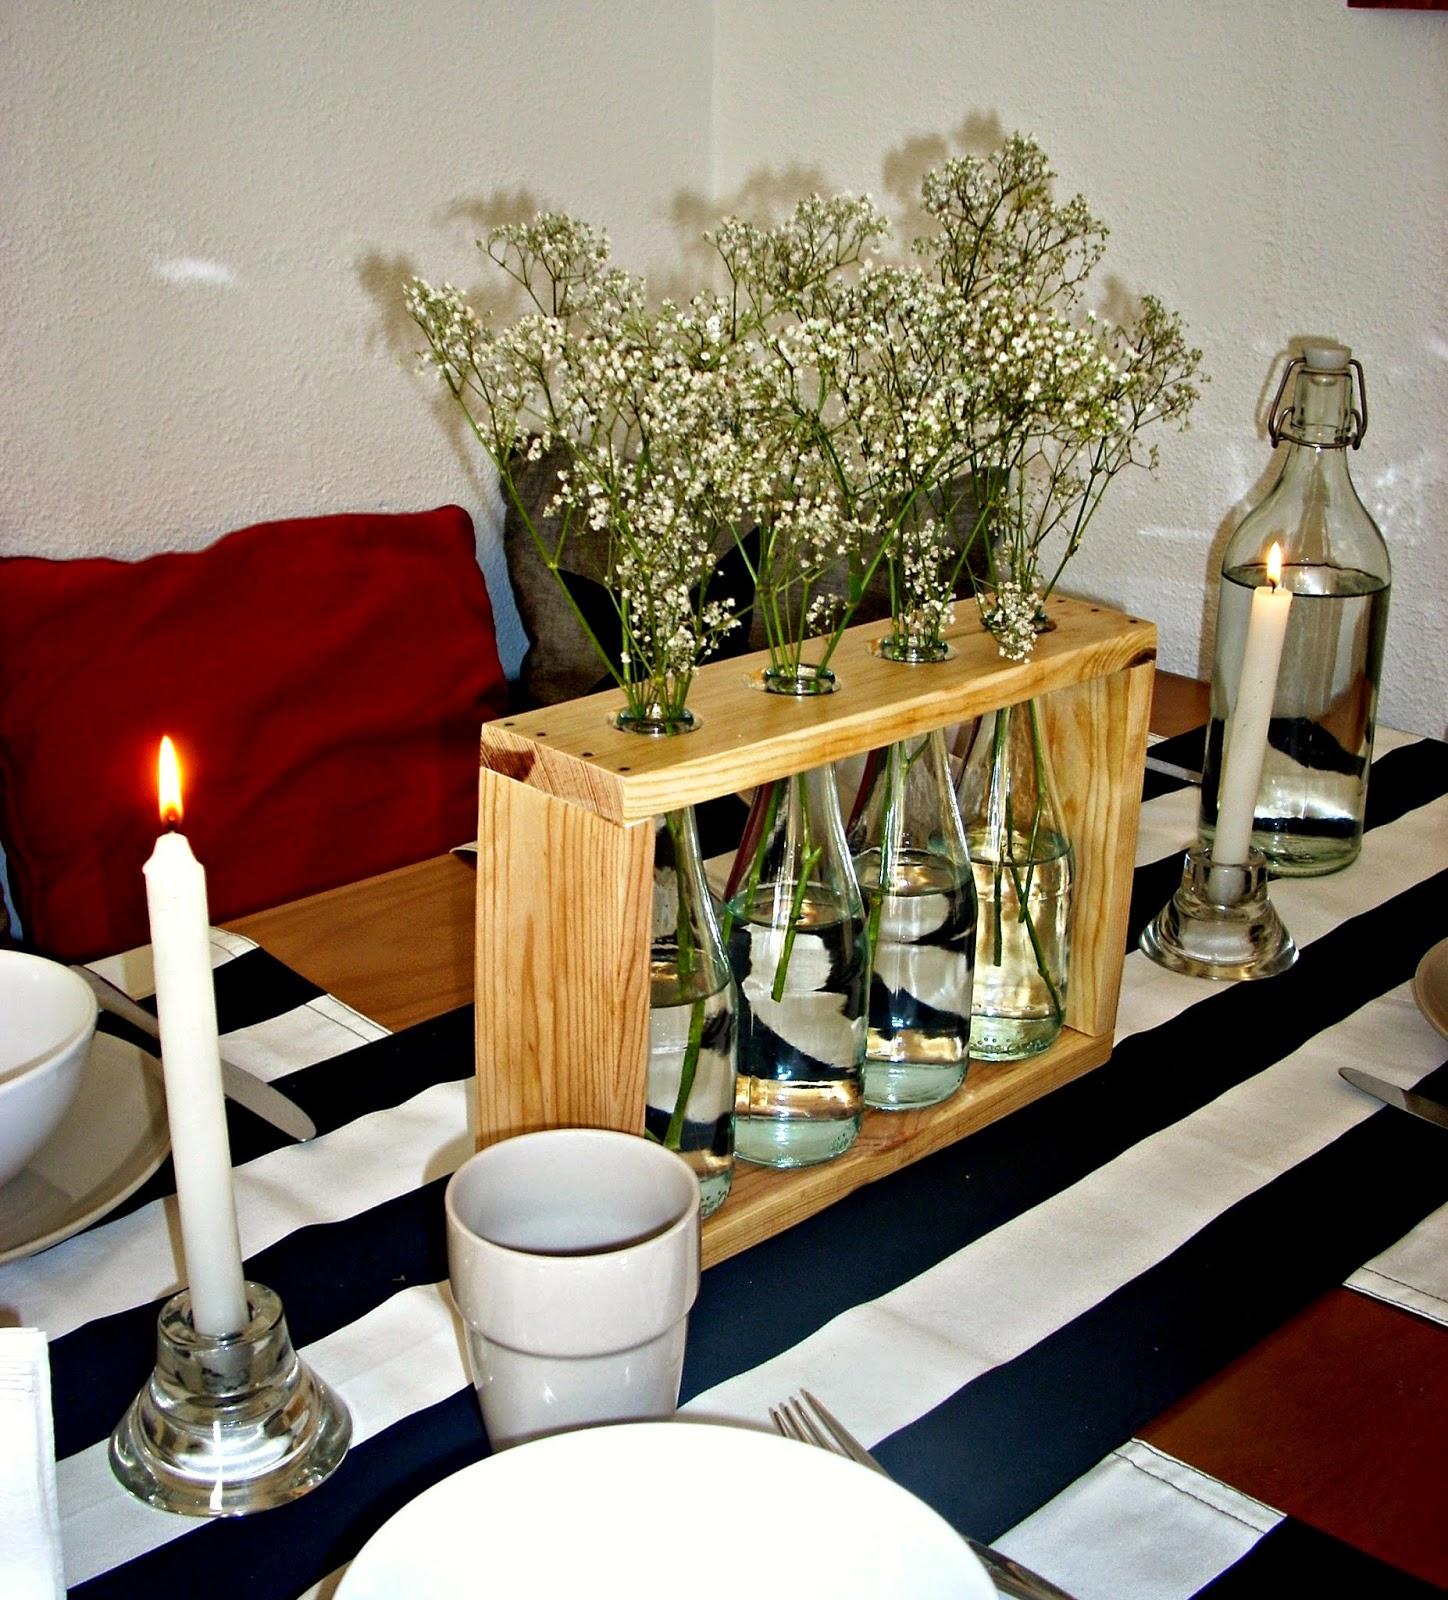 La buhardilla decoraci n dise o y muebles un precioso - Decorar botellas de vidrio ...